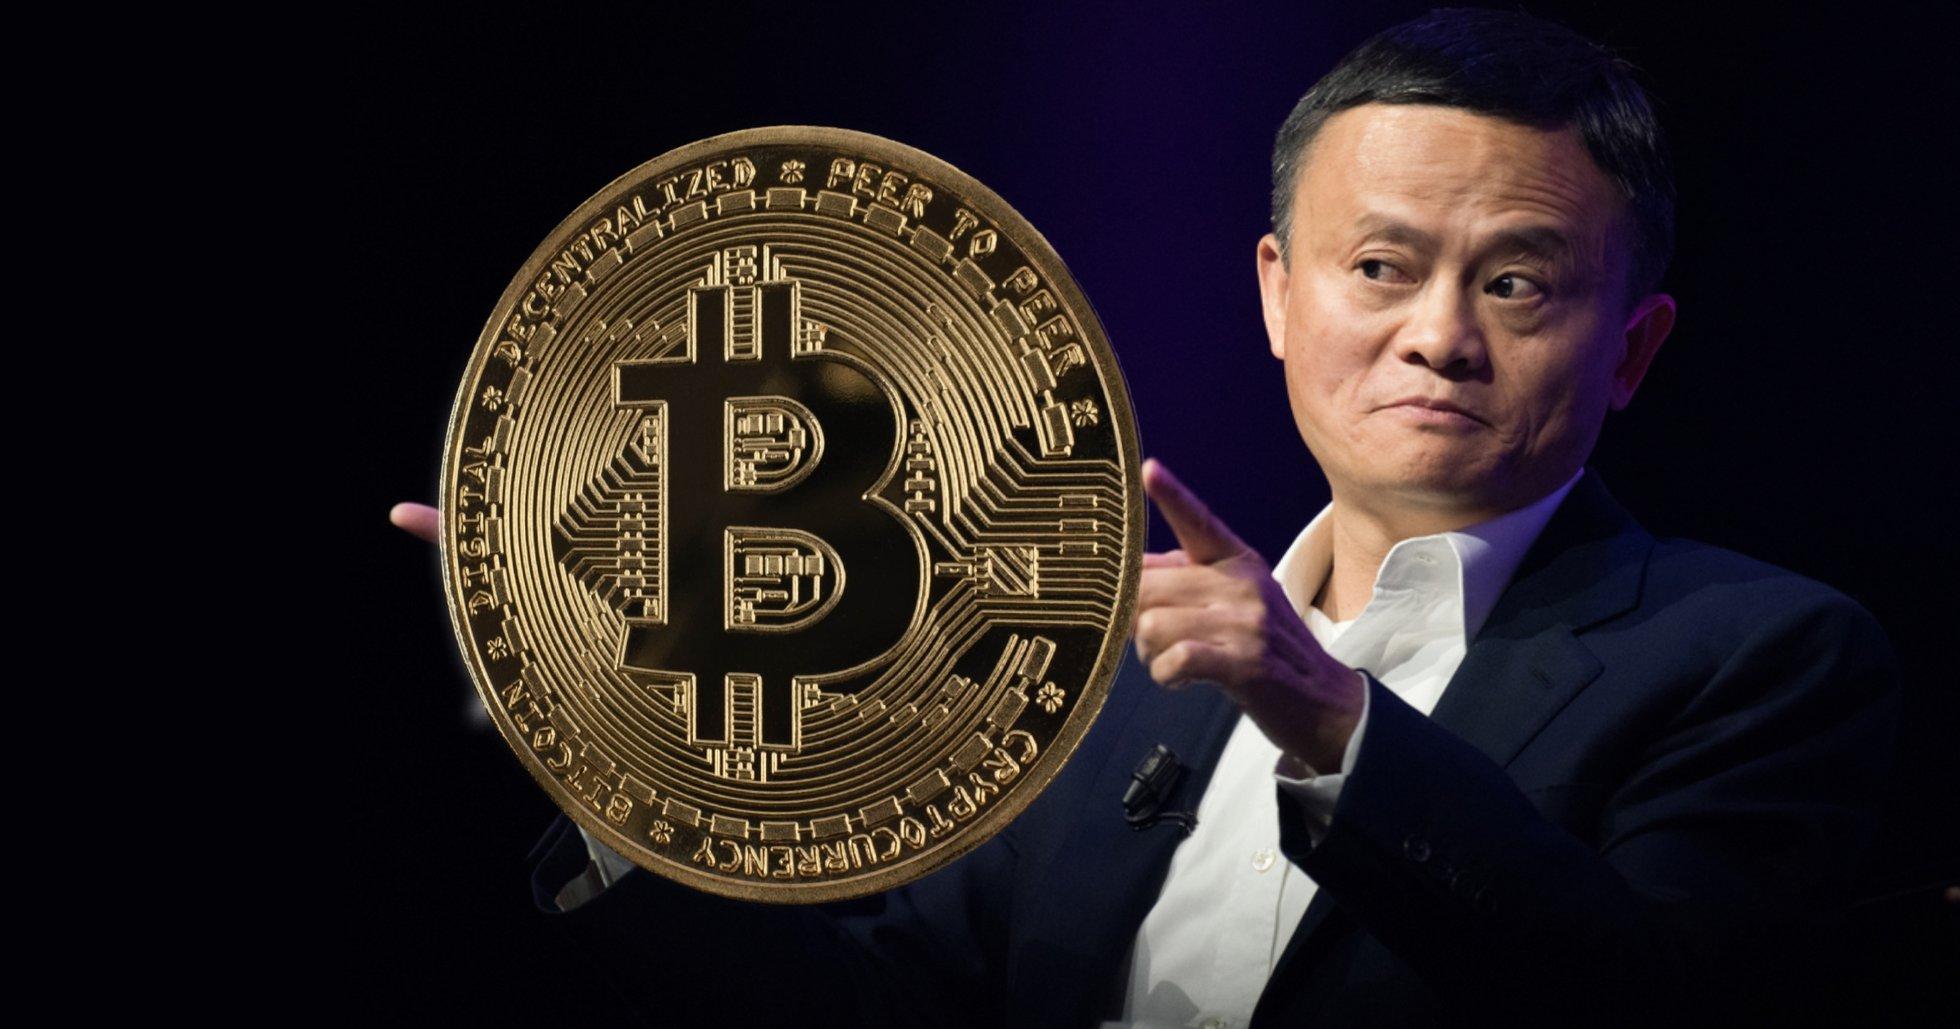 Jack Ma hyllar digitala valutor: Kan hjälpa till att skapa nytt finansiellt system